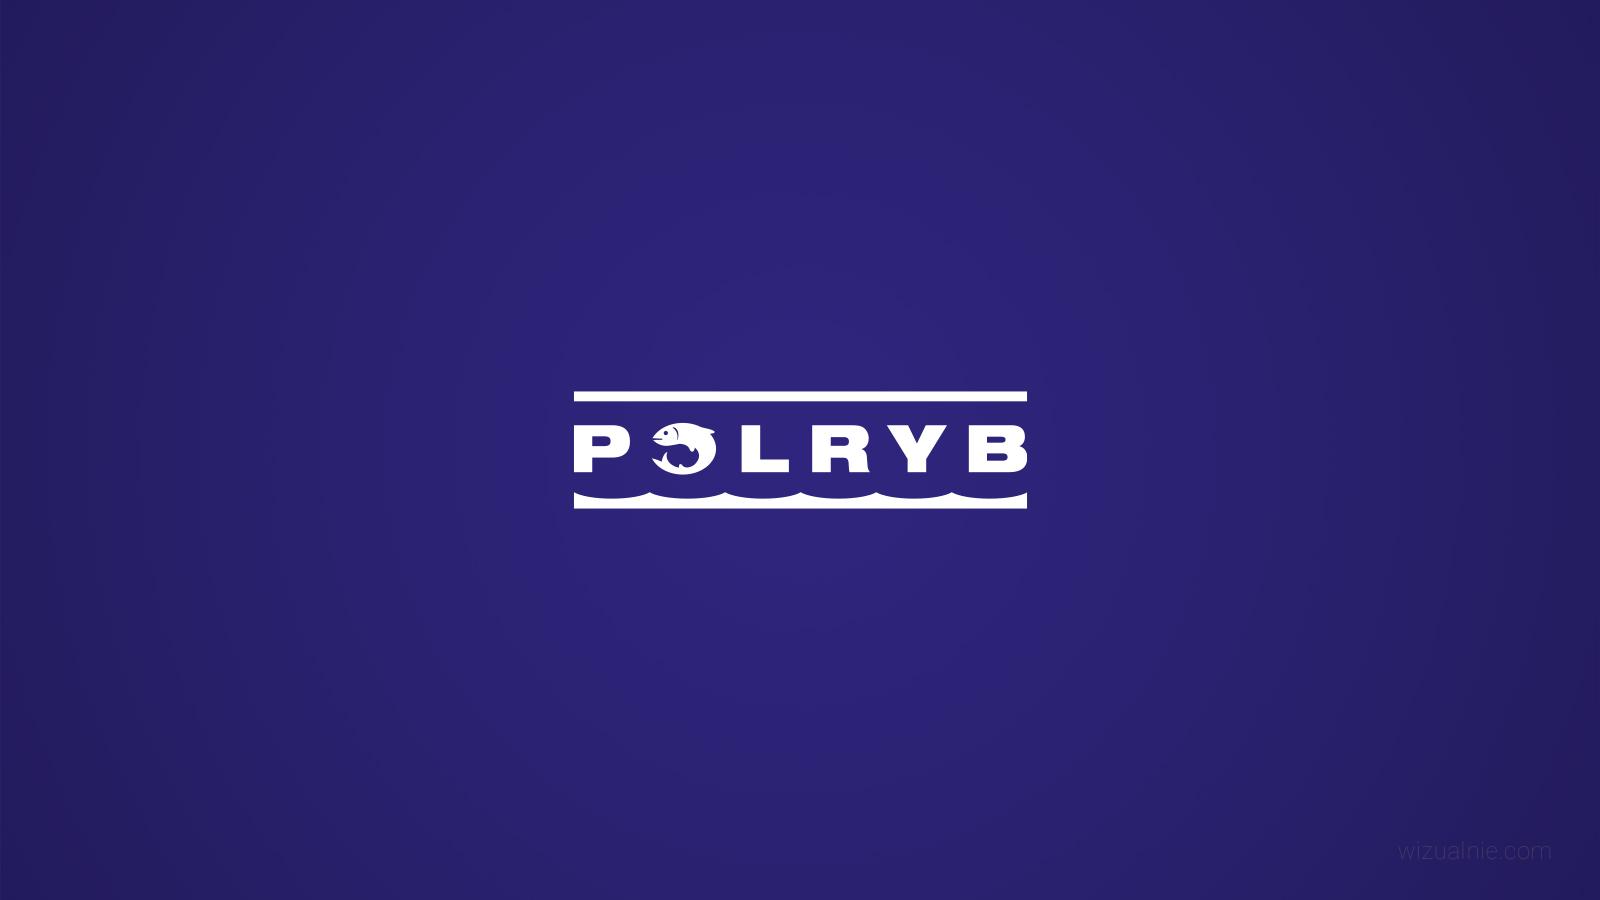 wizualnie-portfolio-polryb-logo-02